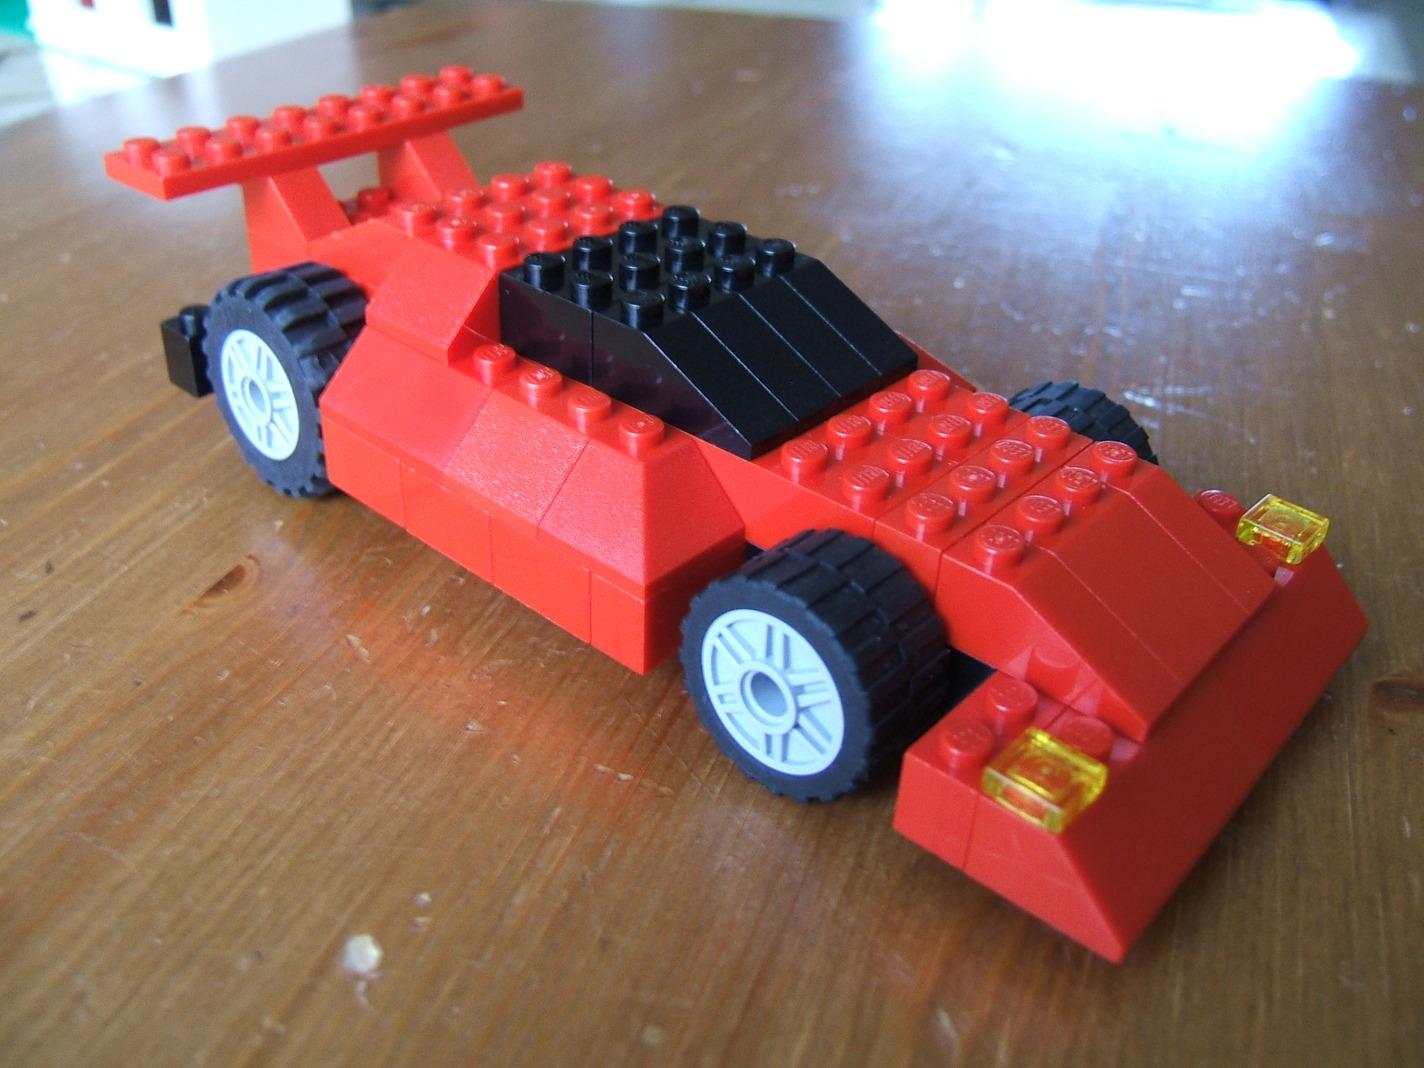 Lego Maker: Red Lego Sports Car